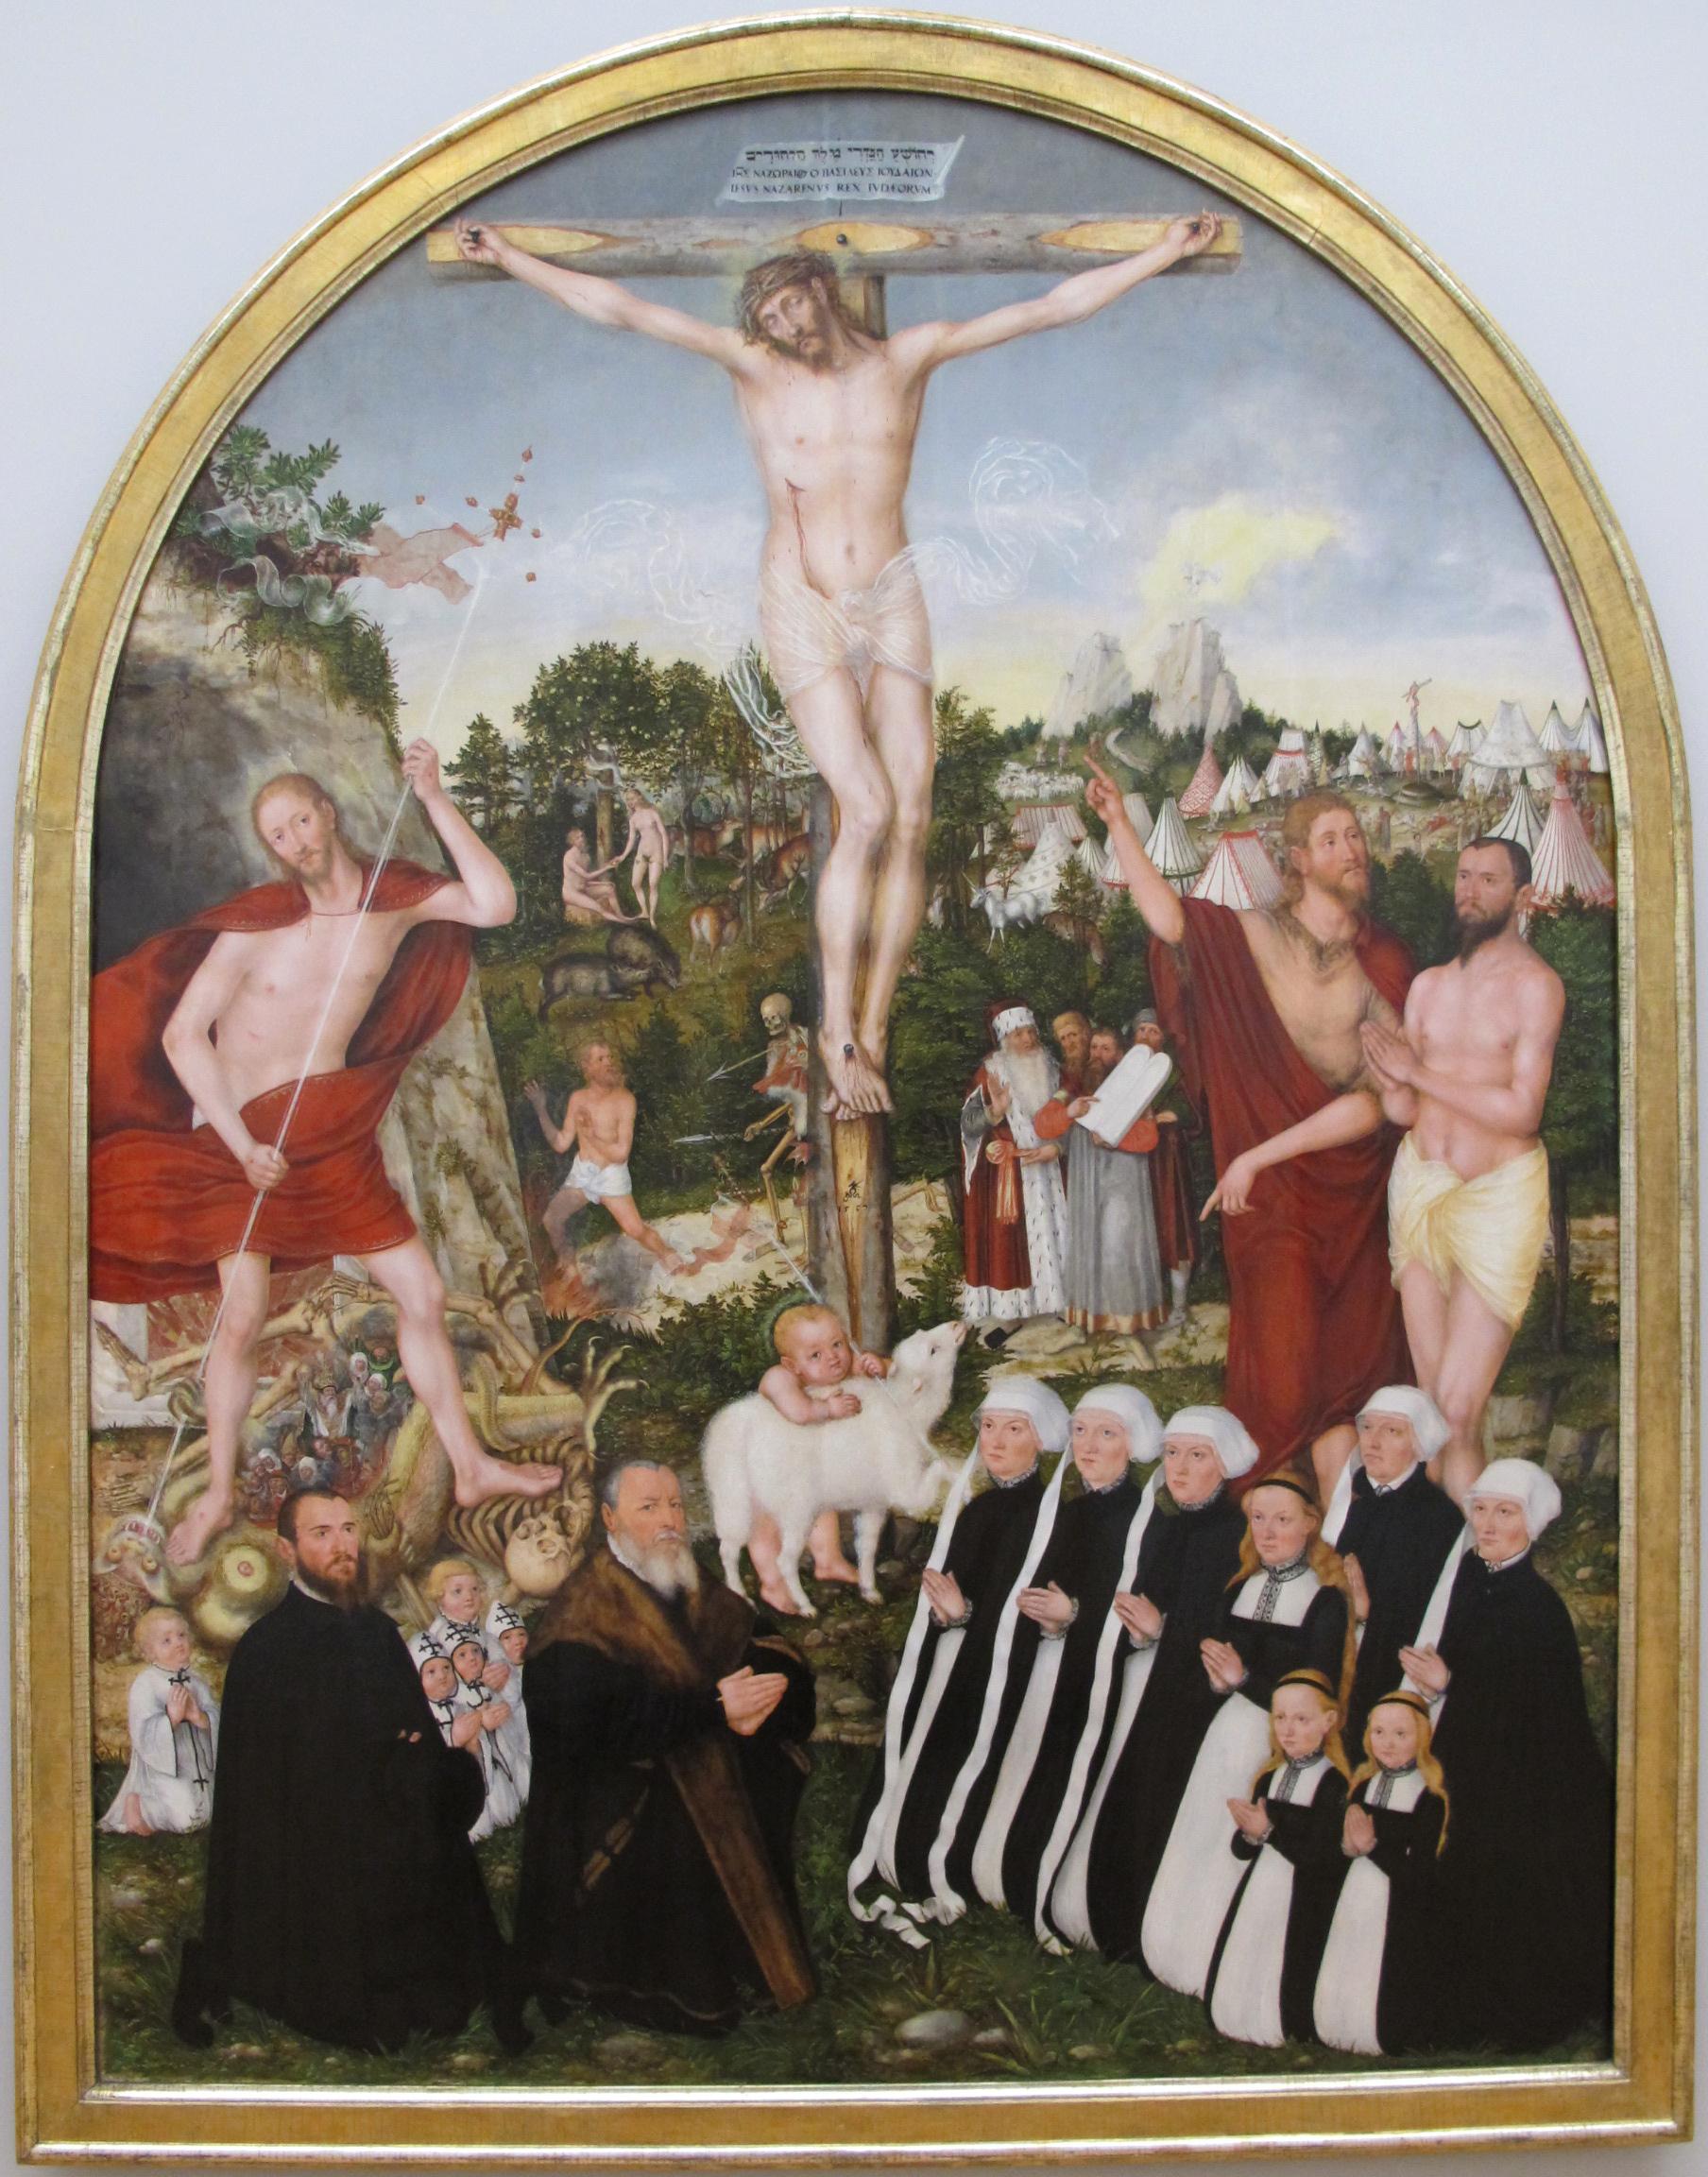 File:Cranach il giovane, allegoria della redenzione, 1557 01.JPG